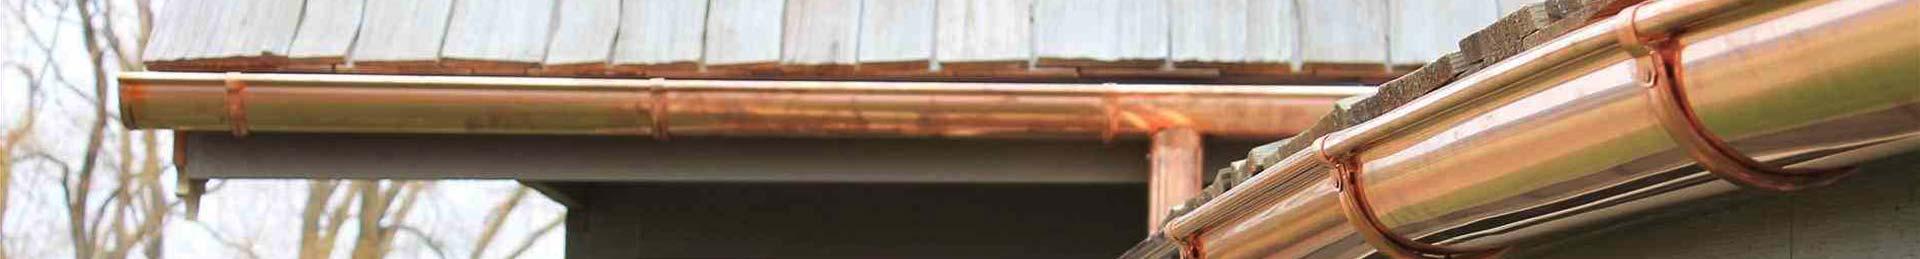 Canalones de cobre